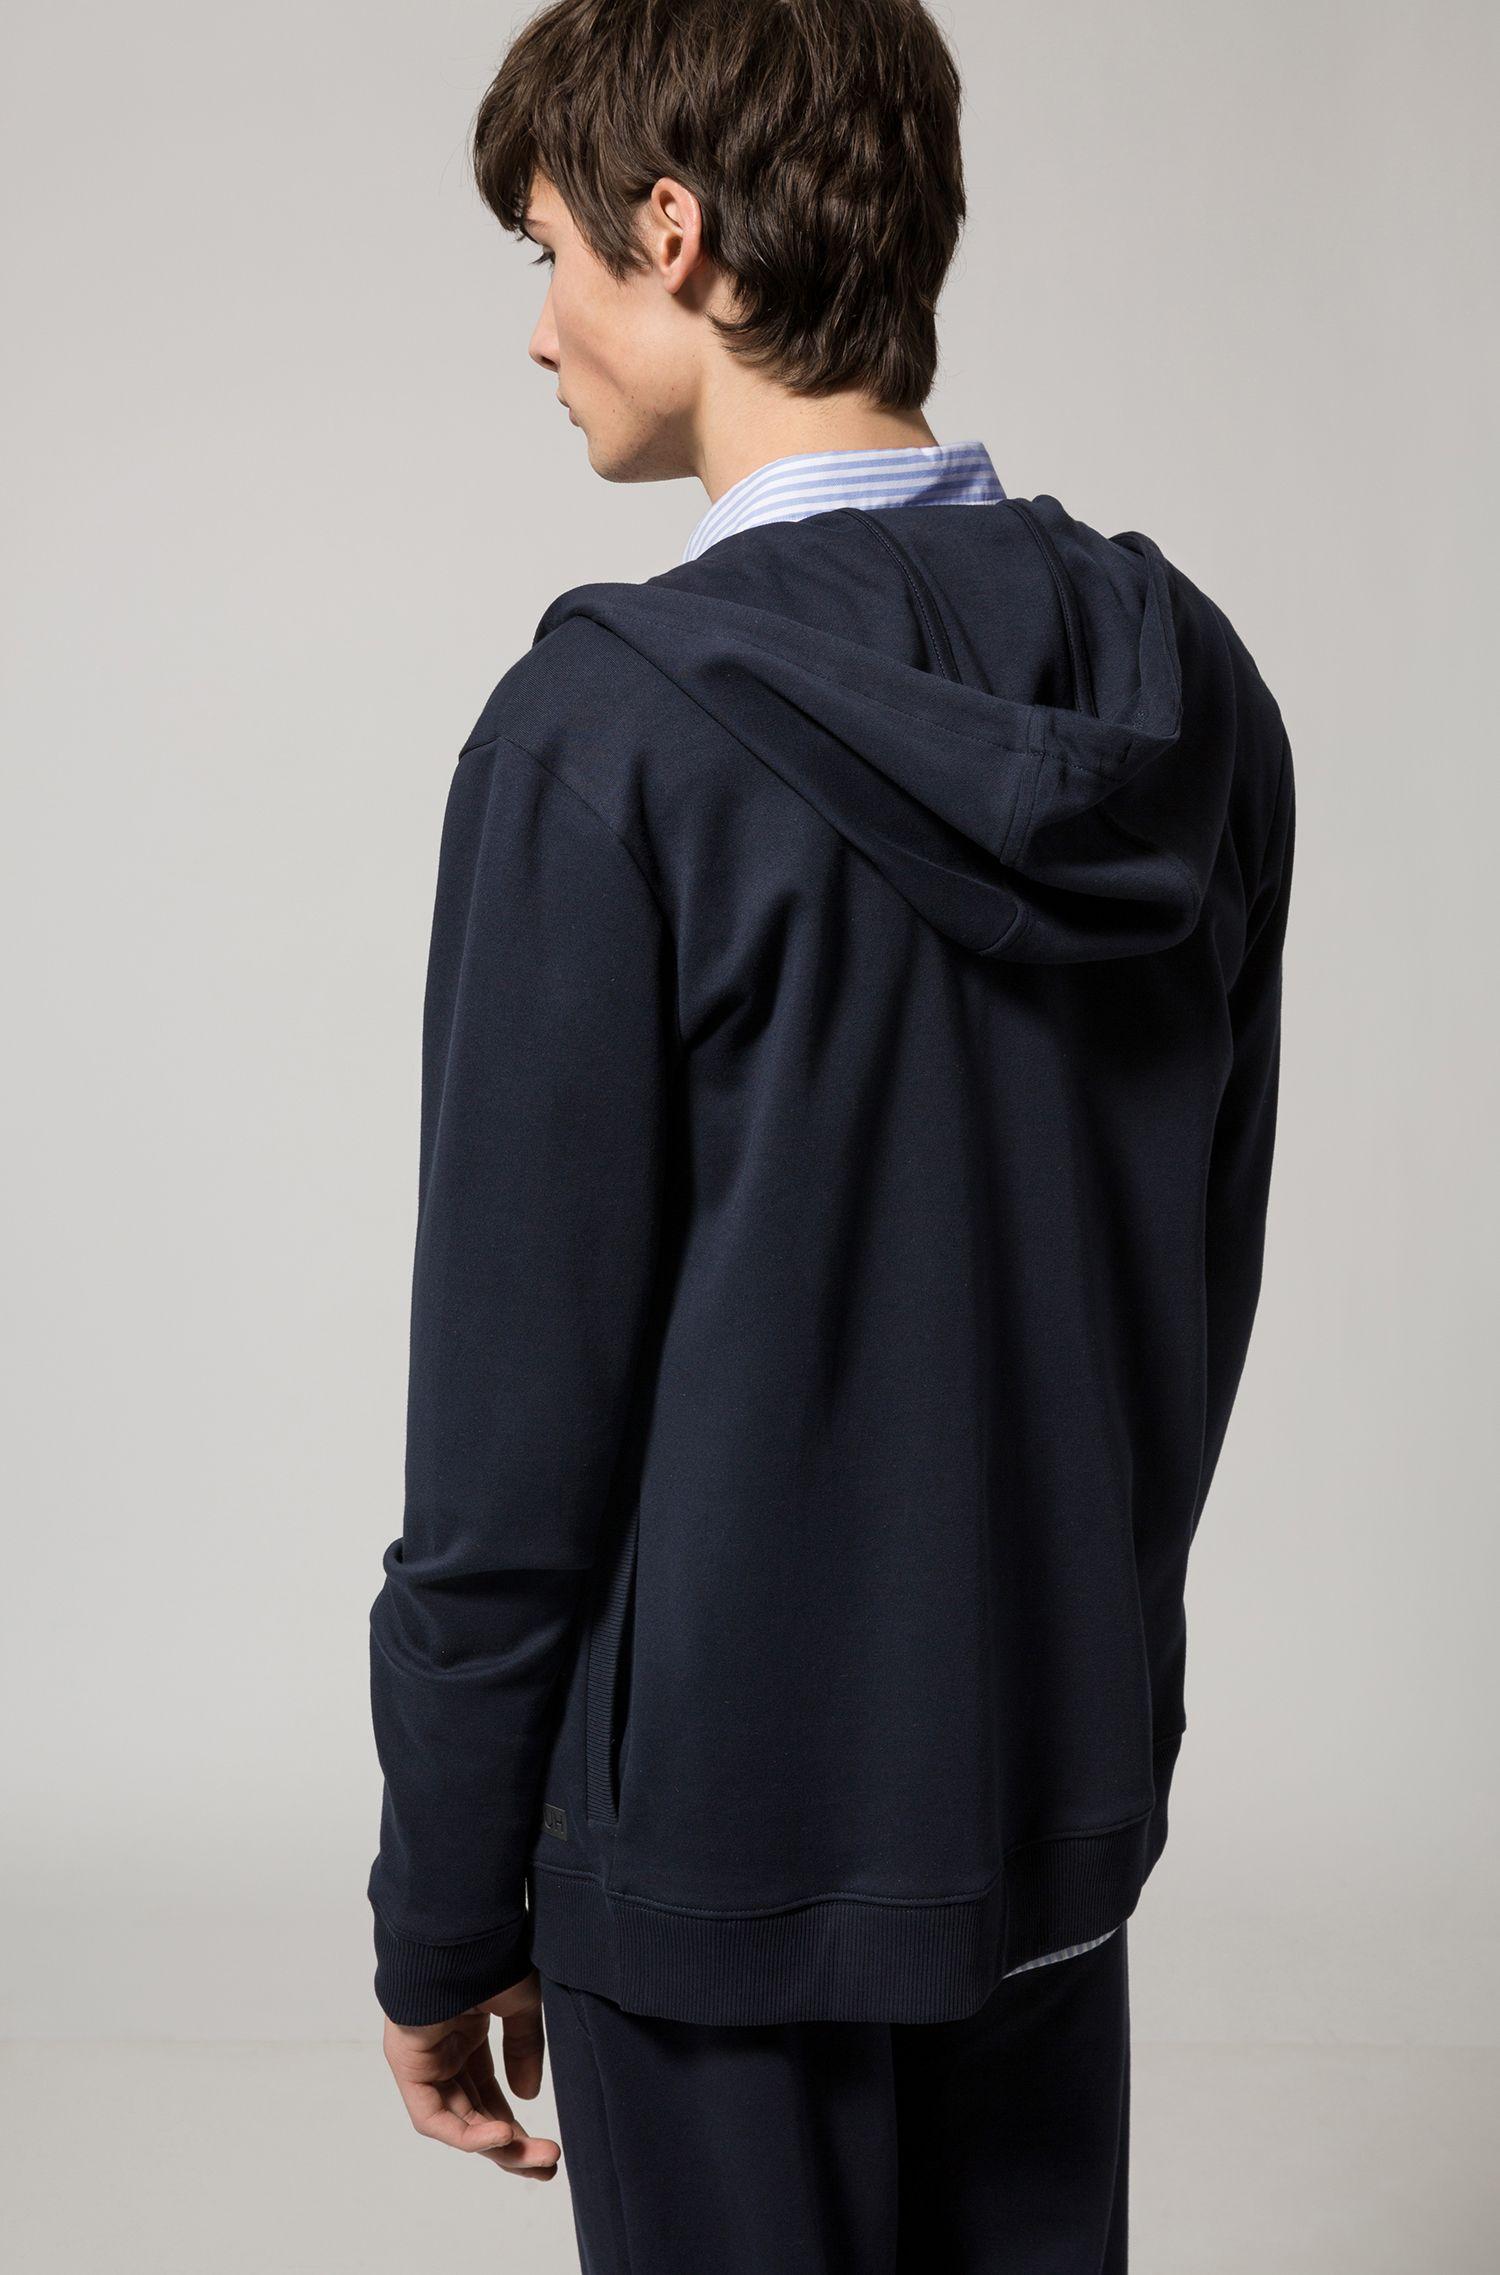 Kapuzenjacke aus Baumwolle mit Reißverschluss